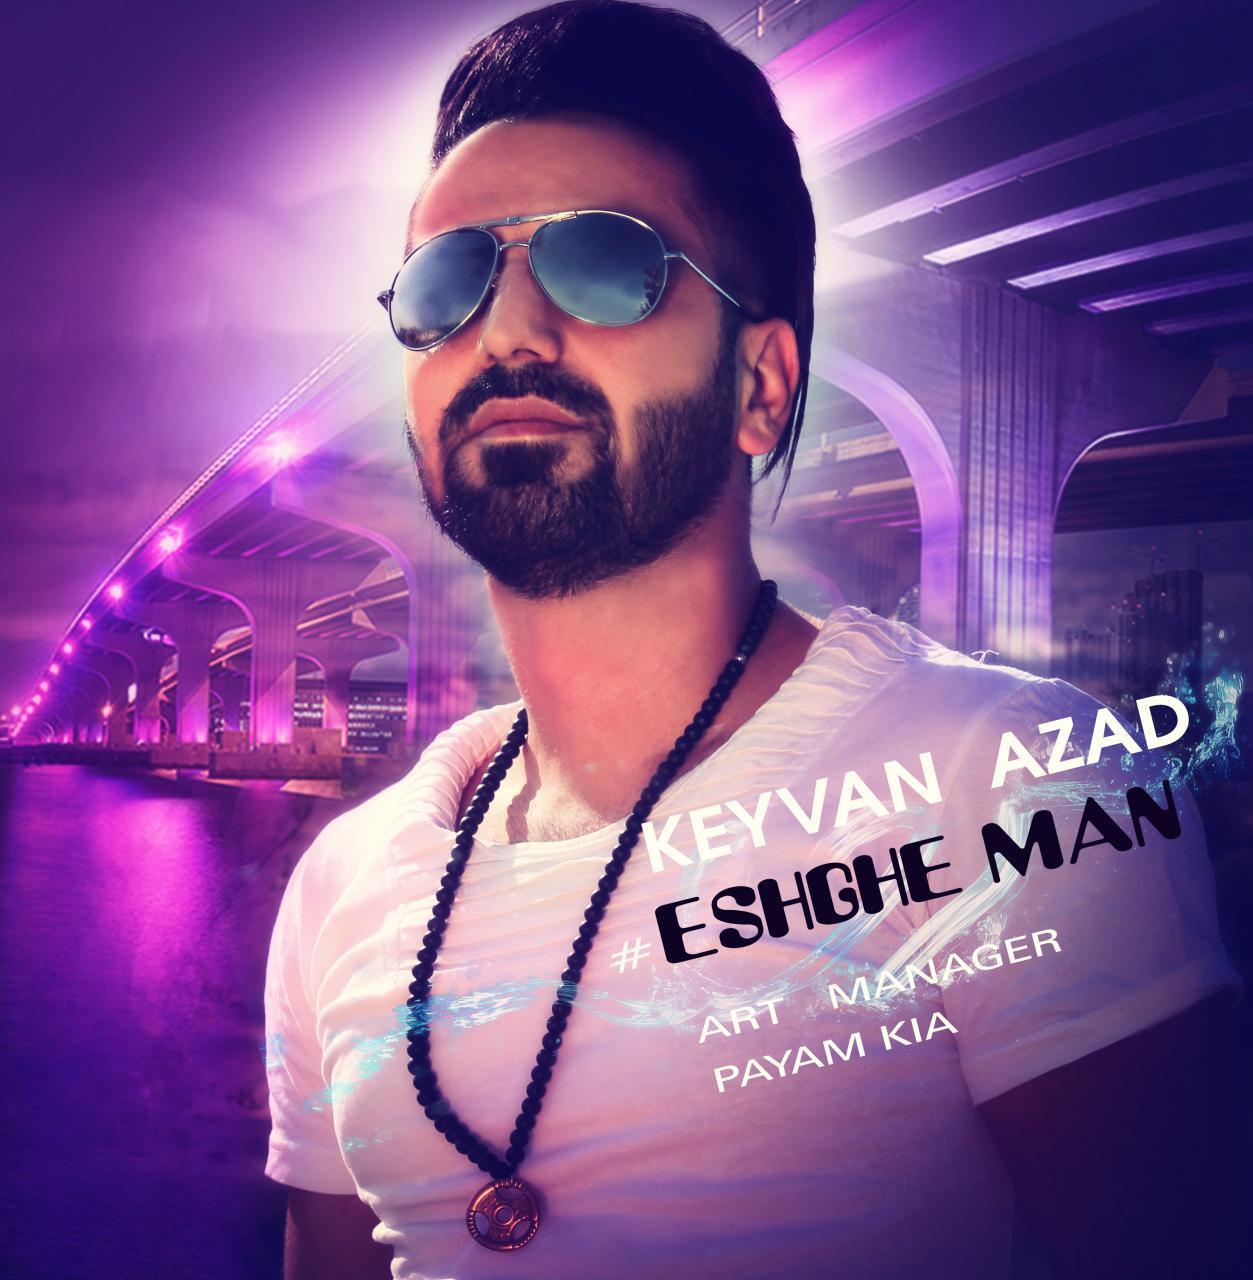 Keyvan Azad – Eshghe Man